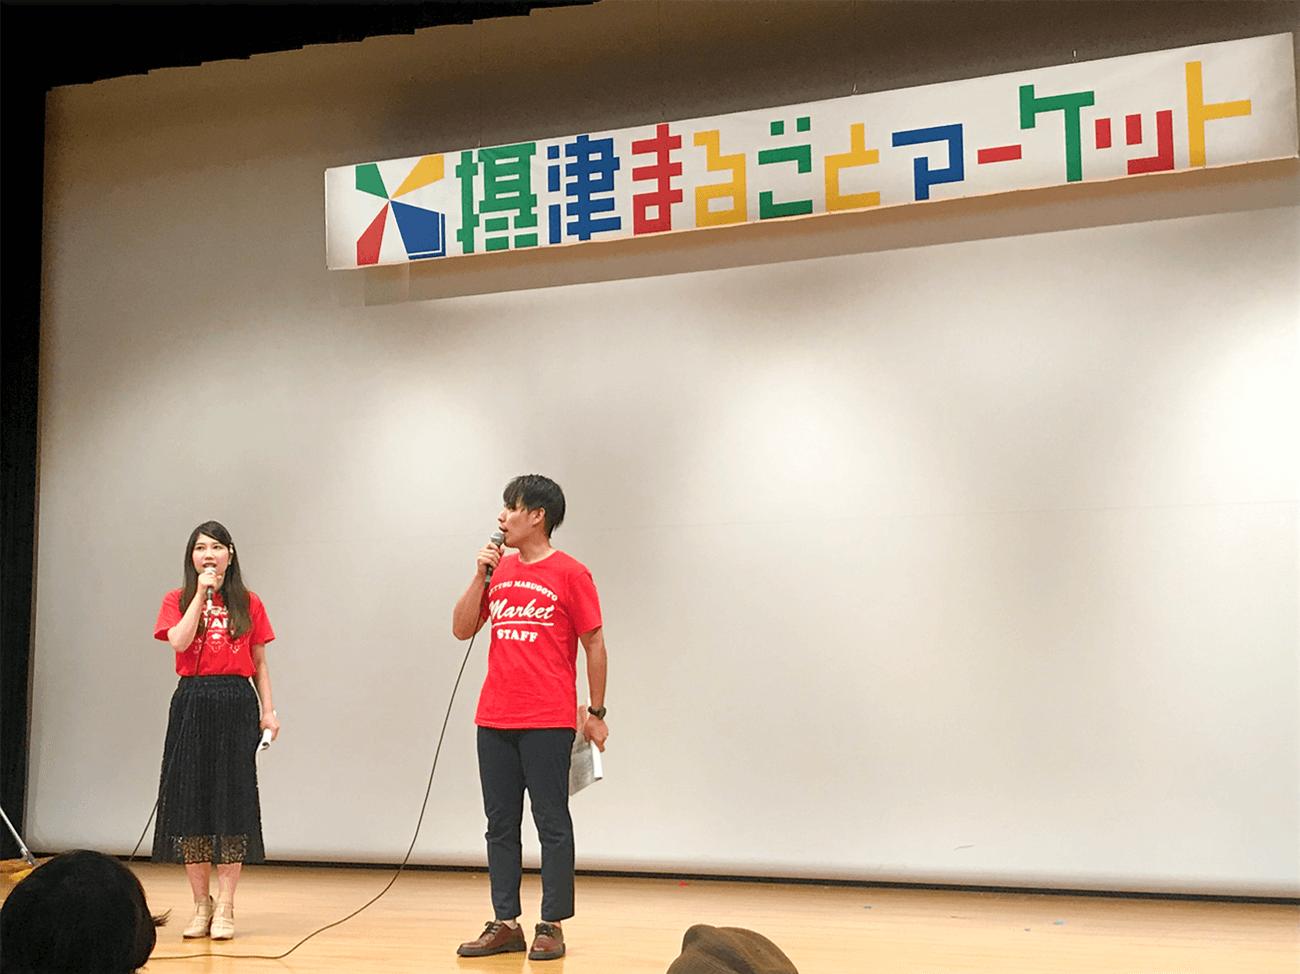 摂津まるごとマーケットVOL.7のイベント司会に、弊社キャストの森下ユウキ・上野湧大が出演しました